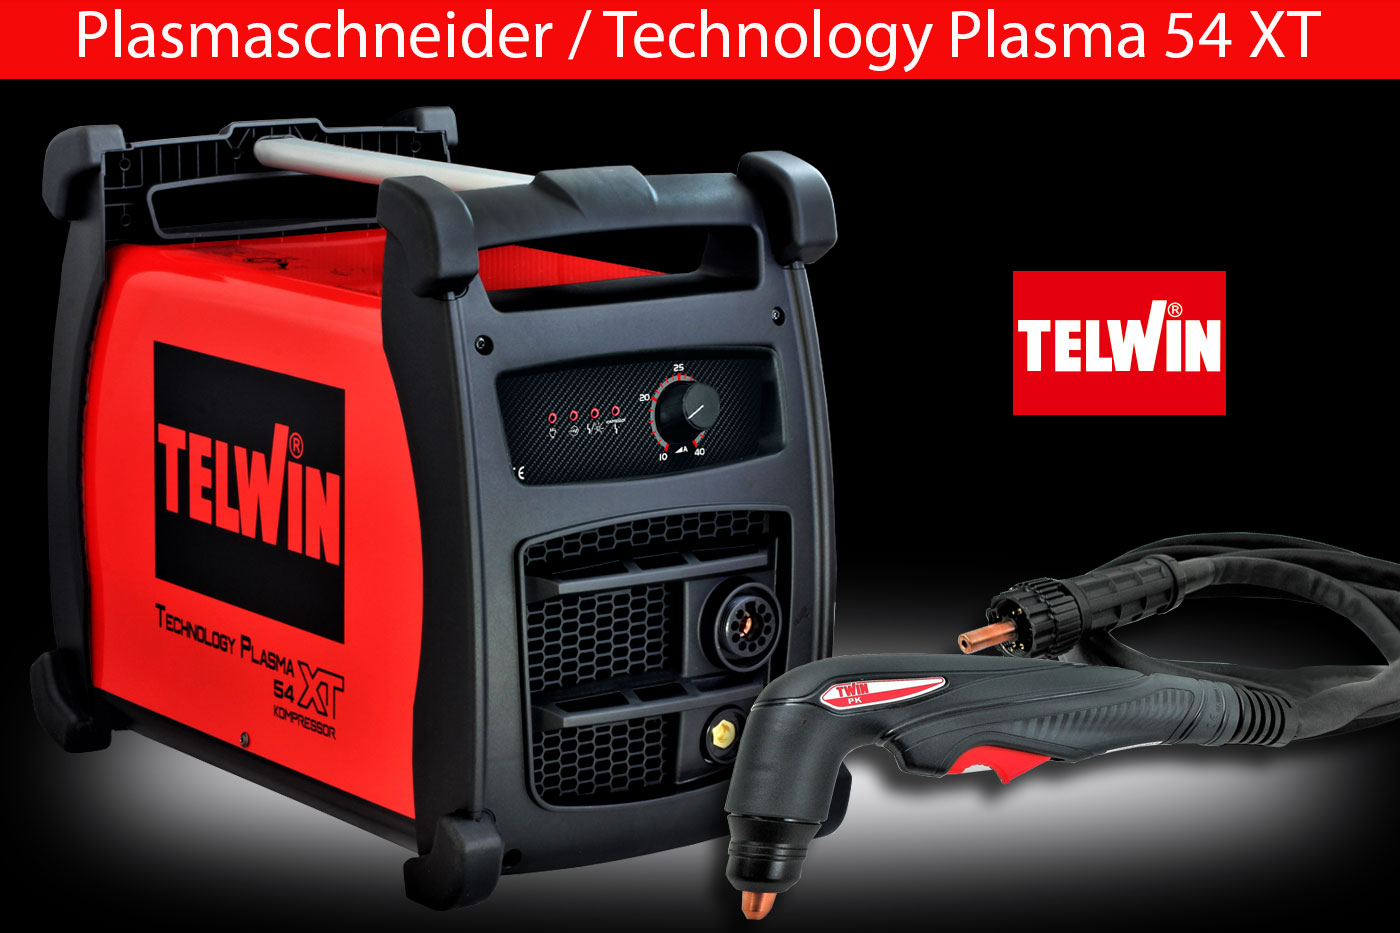 Plasmaschneider mit Kompressor, Plasmaschneidgerät Inverter bis 12 mm Telwin Technology Plasma 54 XT komplett mit PK Brenner